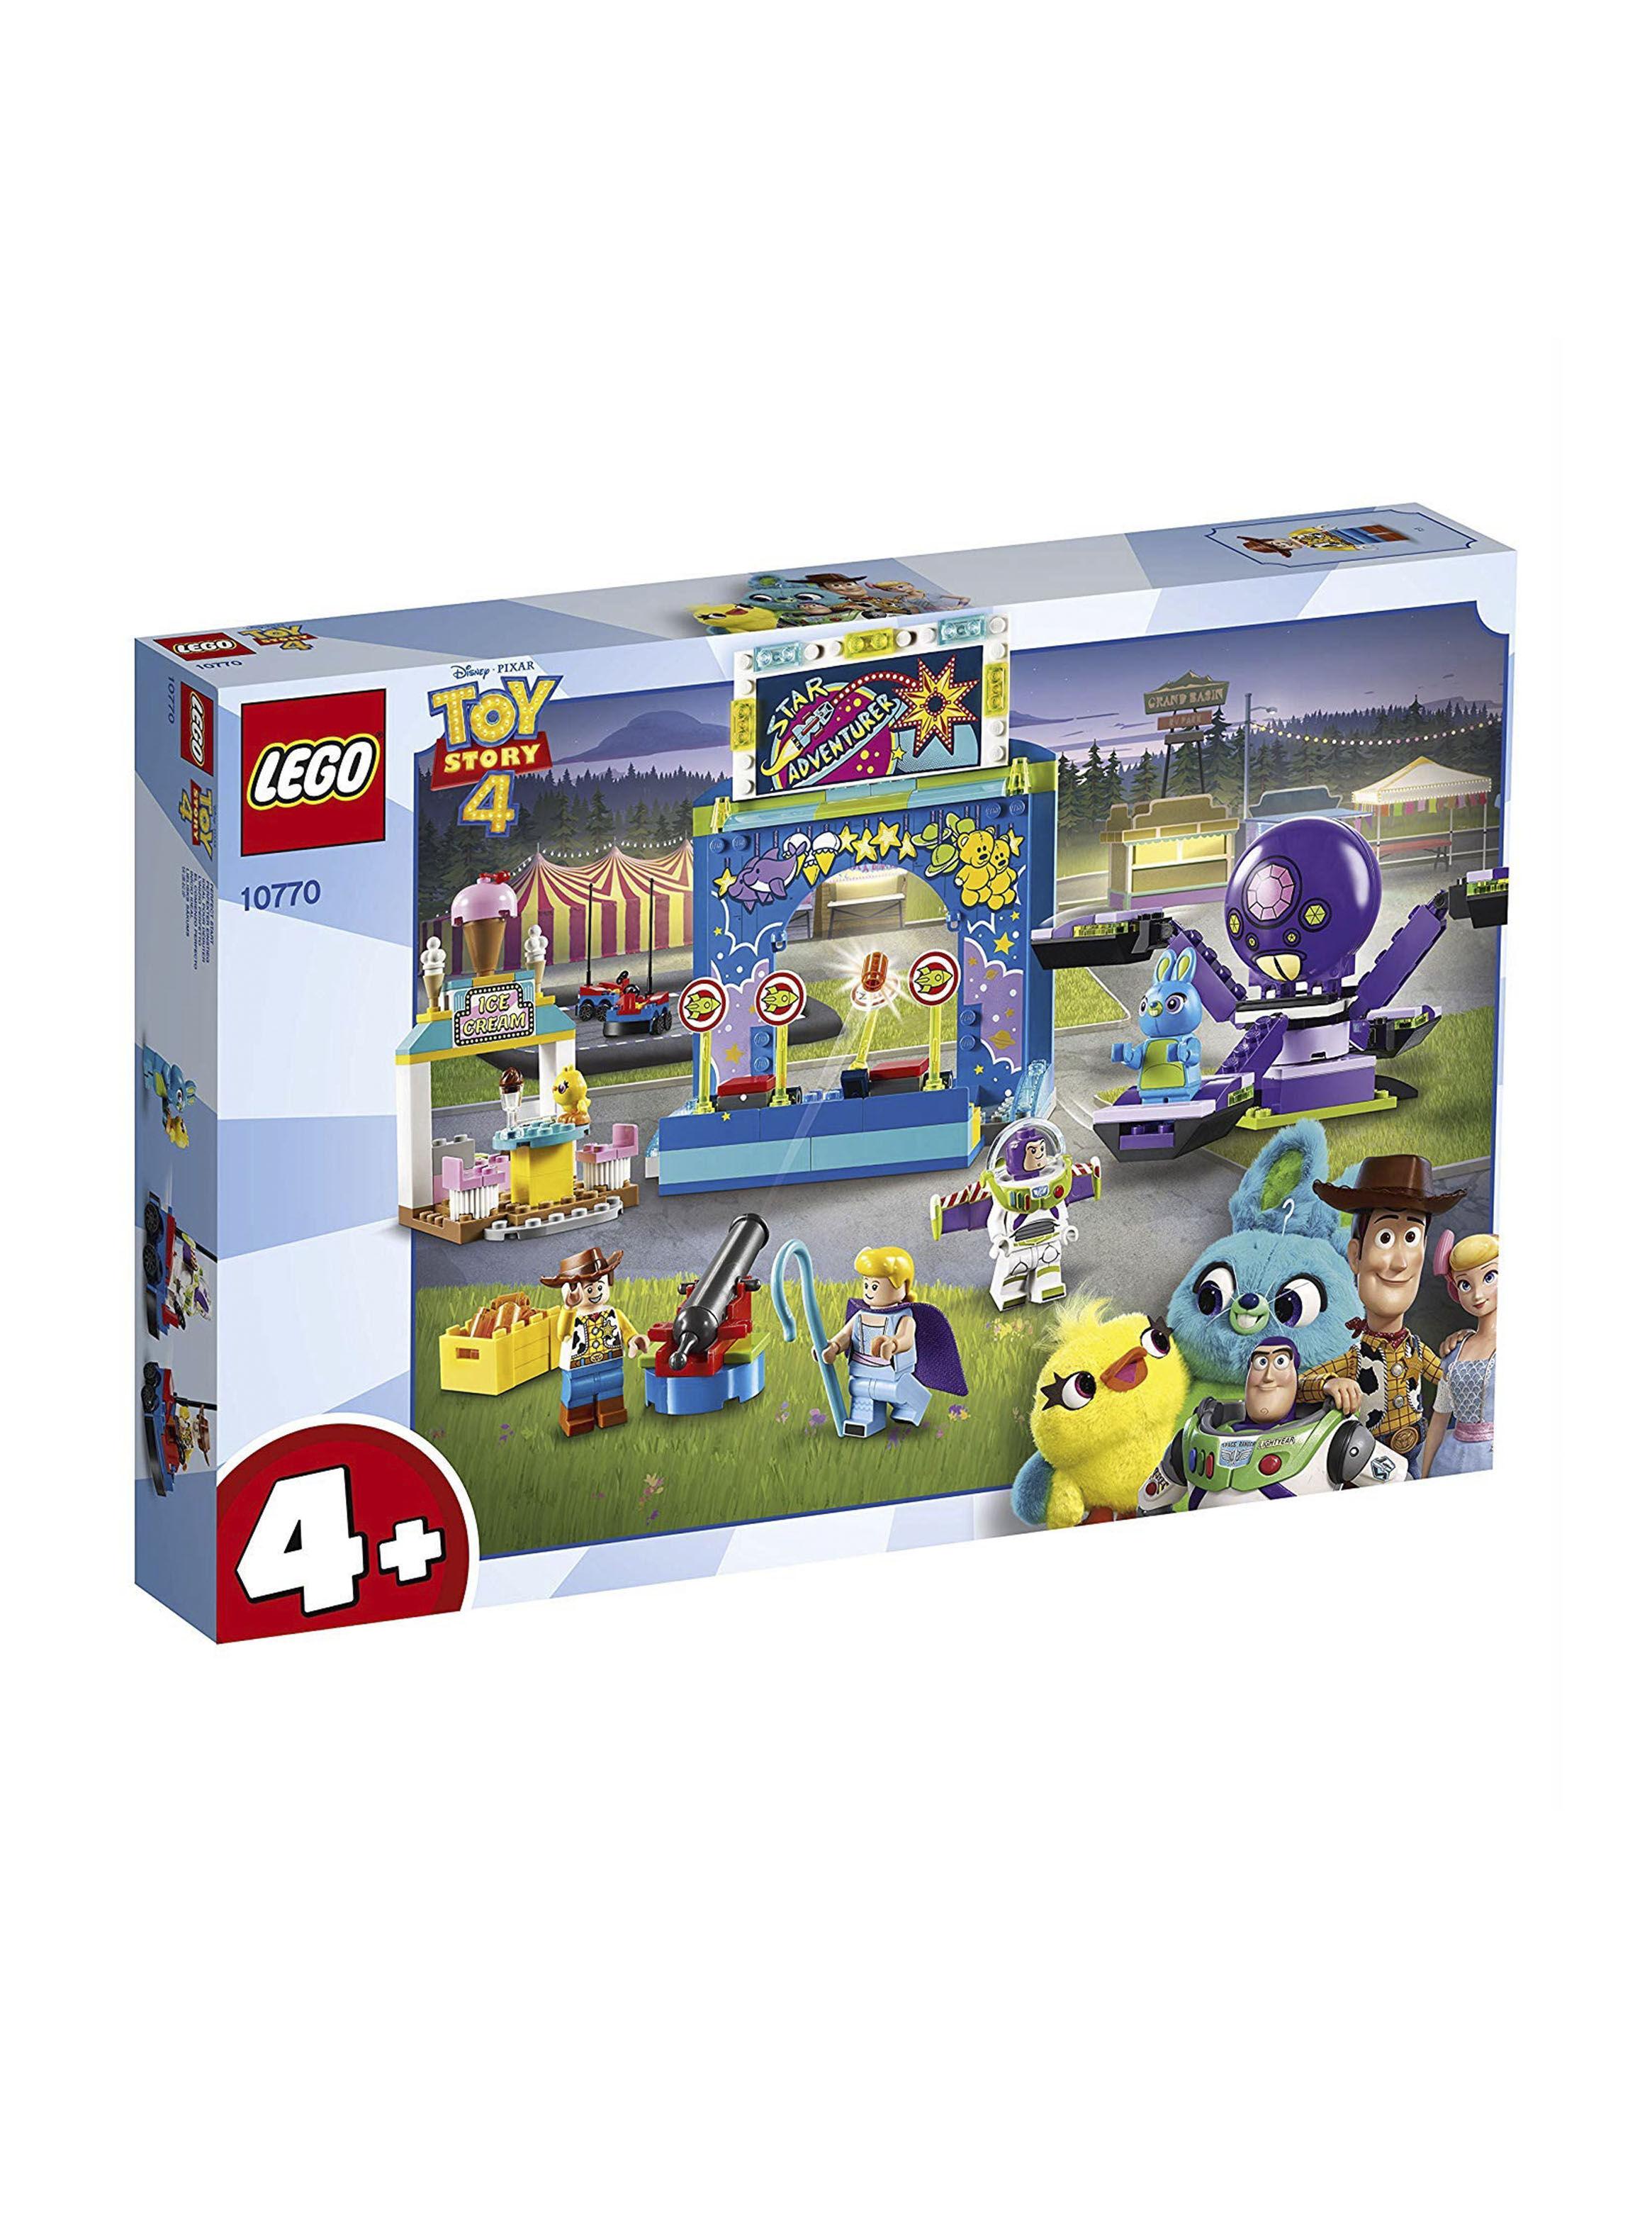 Toy WoodyLocos Story En Juguetes Por 4 Lightyear Feria Y La Buzz 3FJcT1lK